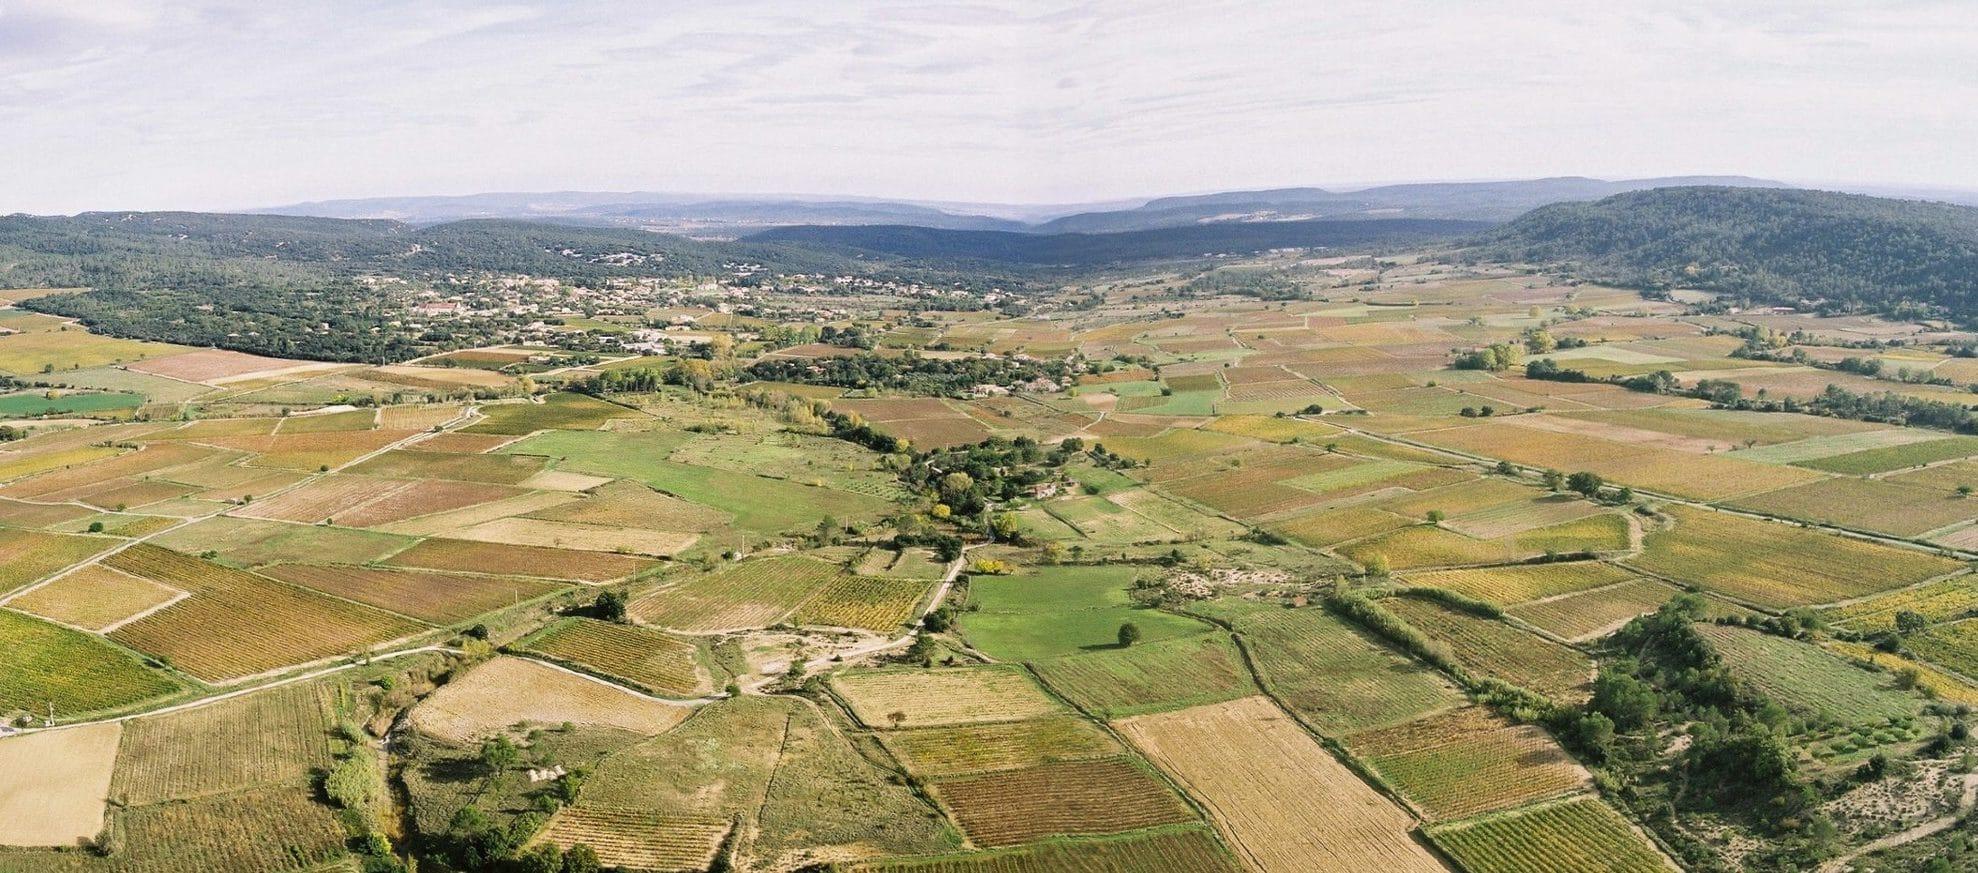 Vue aérienne de Claret. Photo : Olivier Mériguet